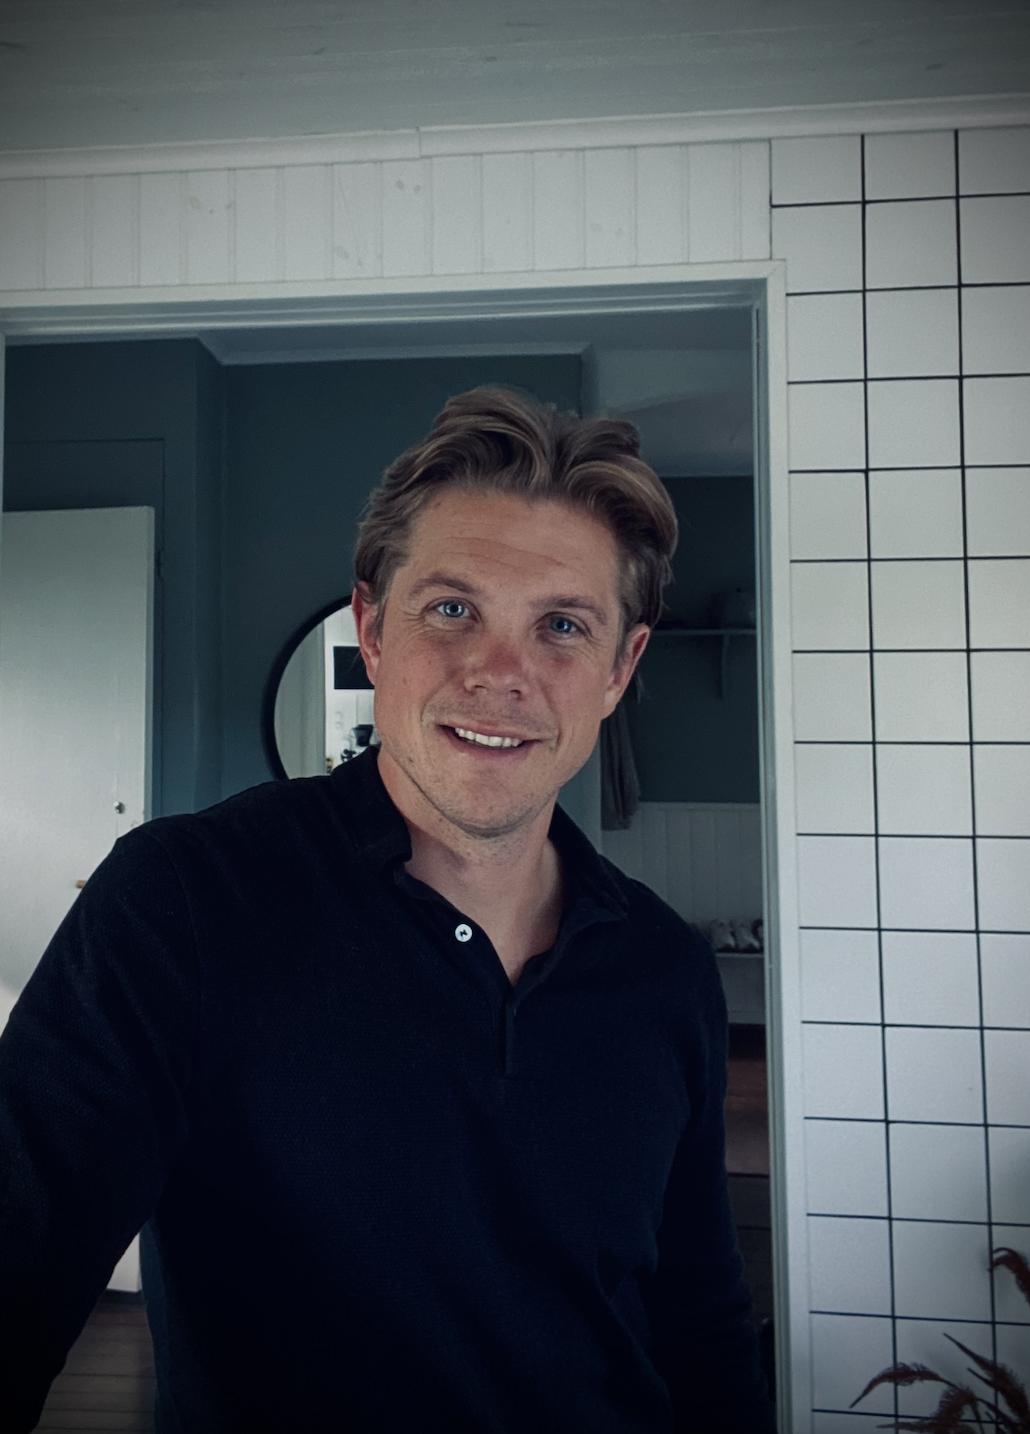 Johan Nihleen